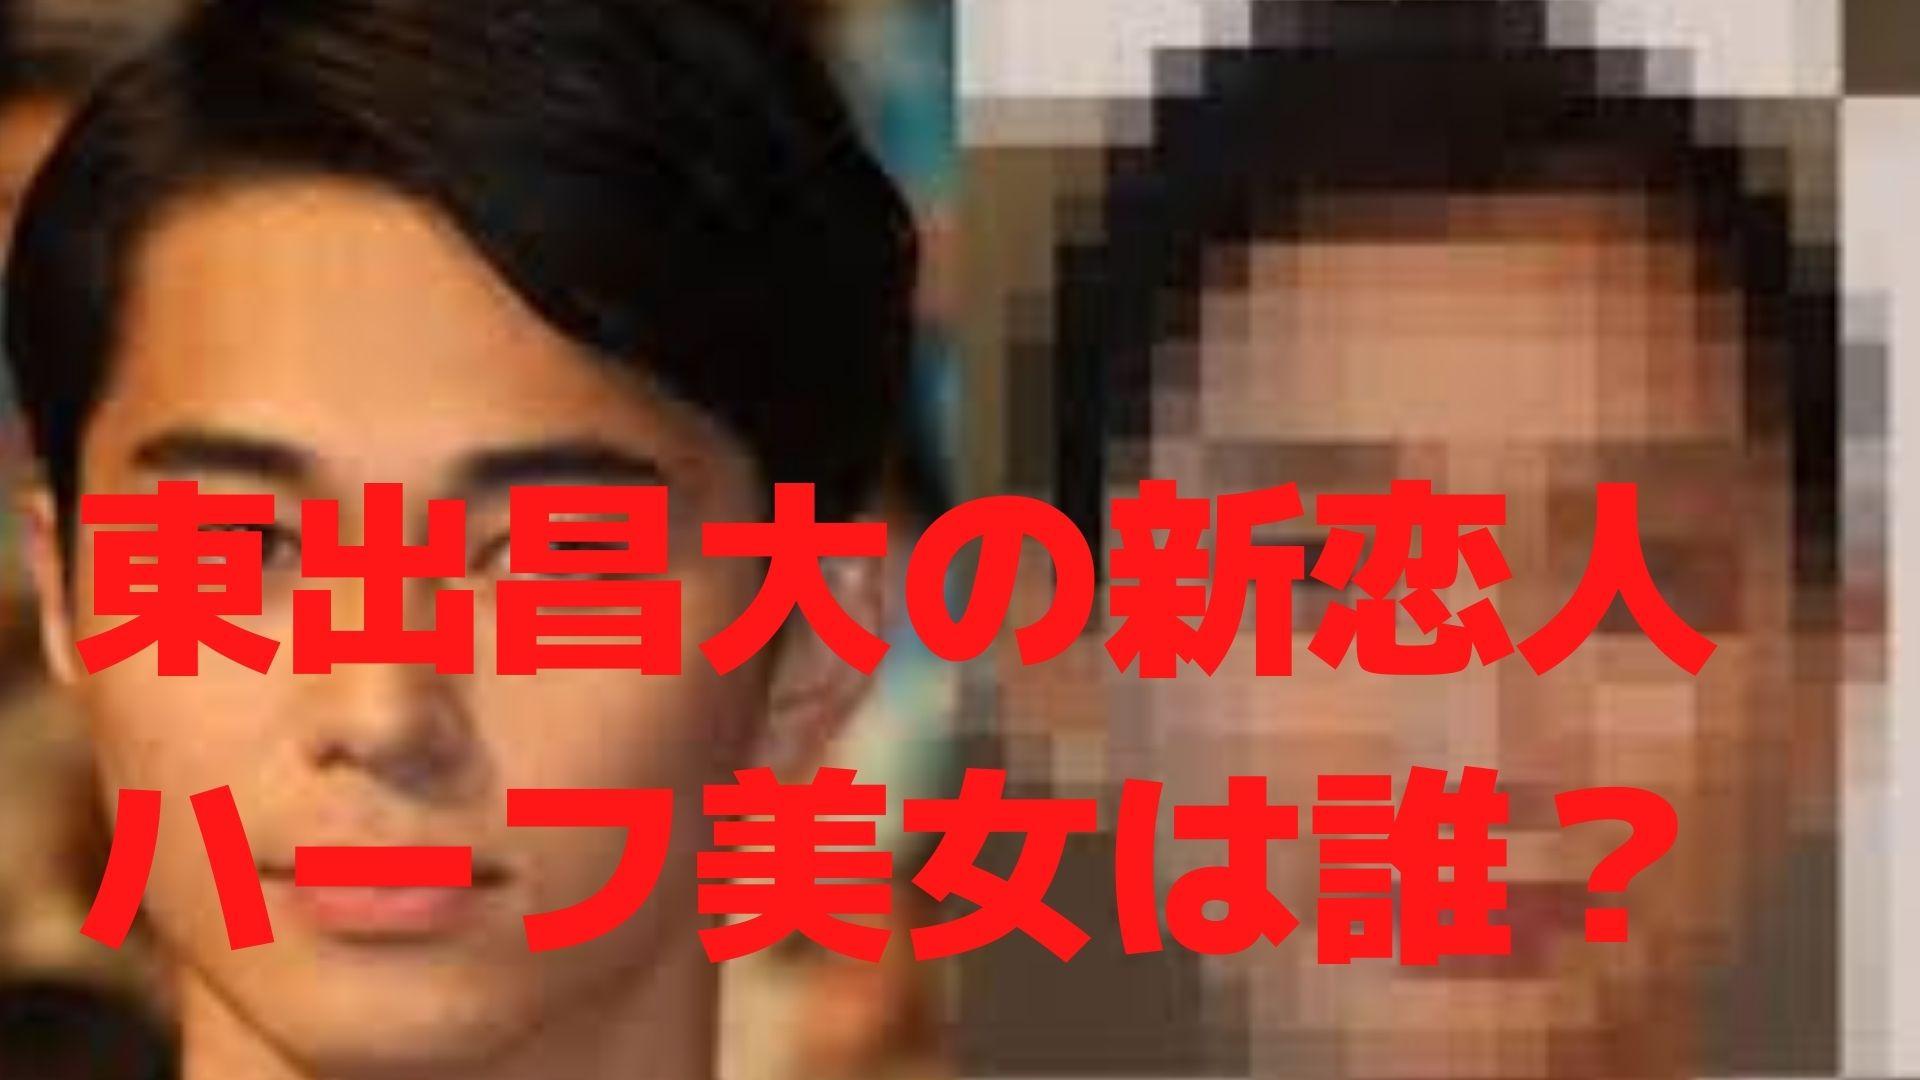 higashide-masahiro-new-lover-who